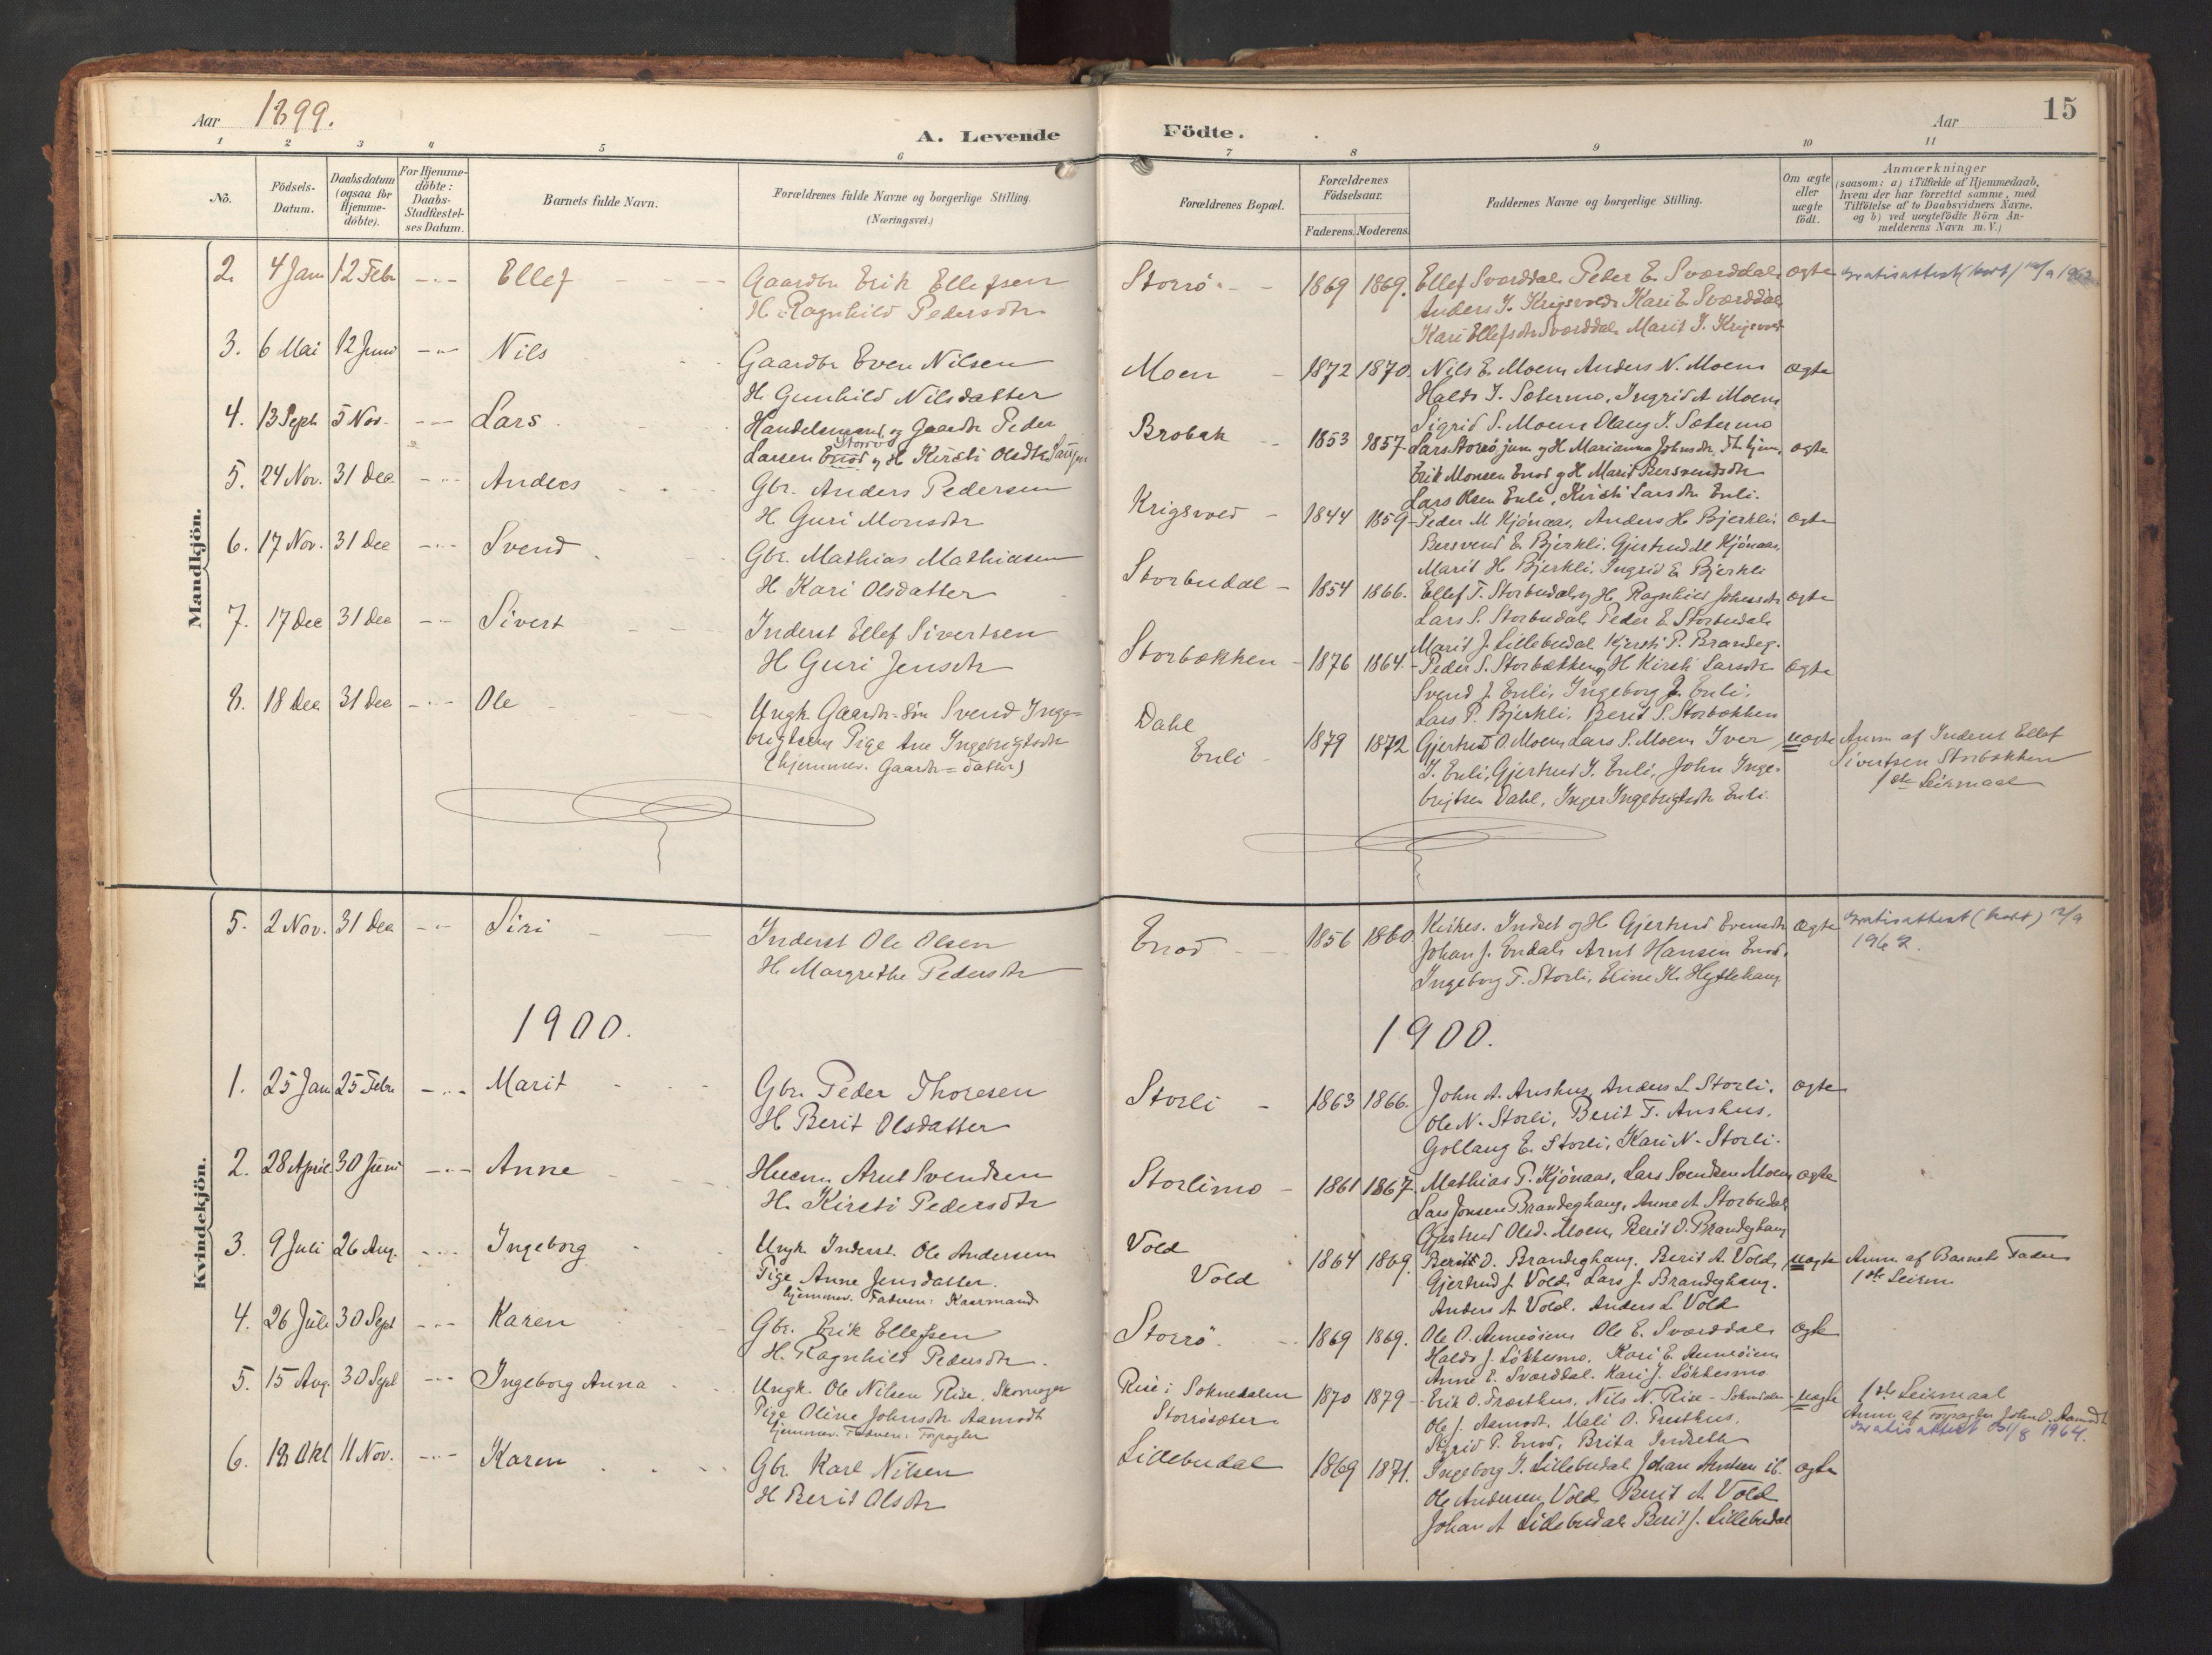 SAT, Ministerialprotokoller, klokkerbøker og fødselsregistre - Sør-Trøndelag, 690/L1050: Ministerialbok nr. 690A01, 1889-1929, s. 15